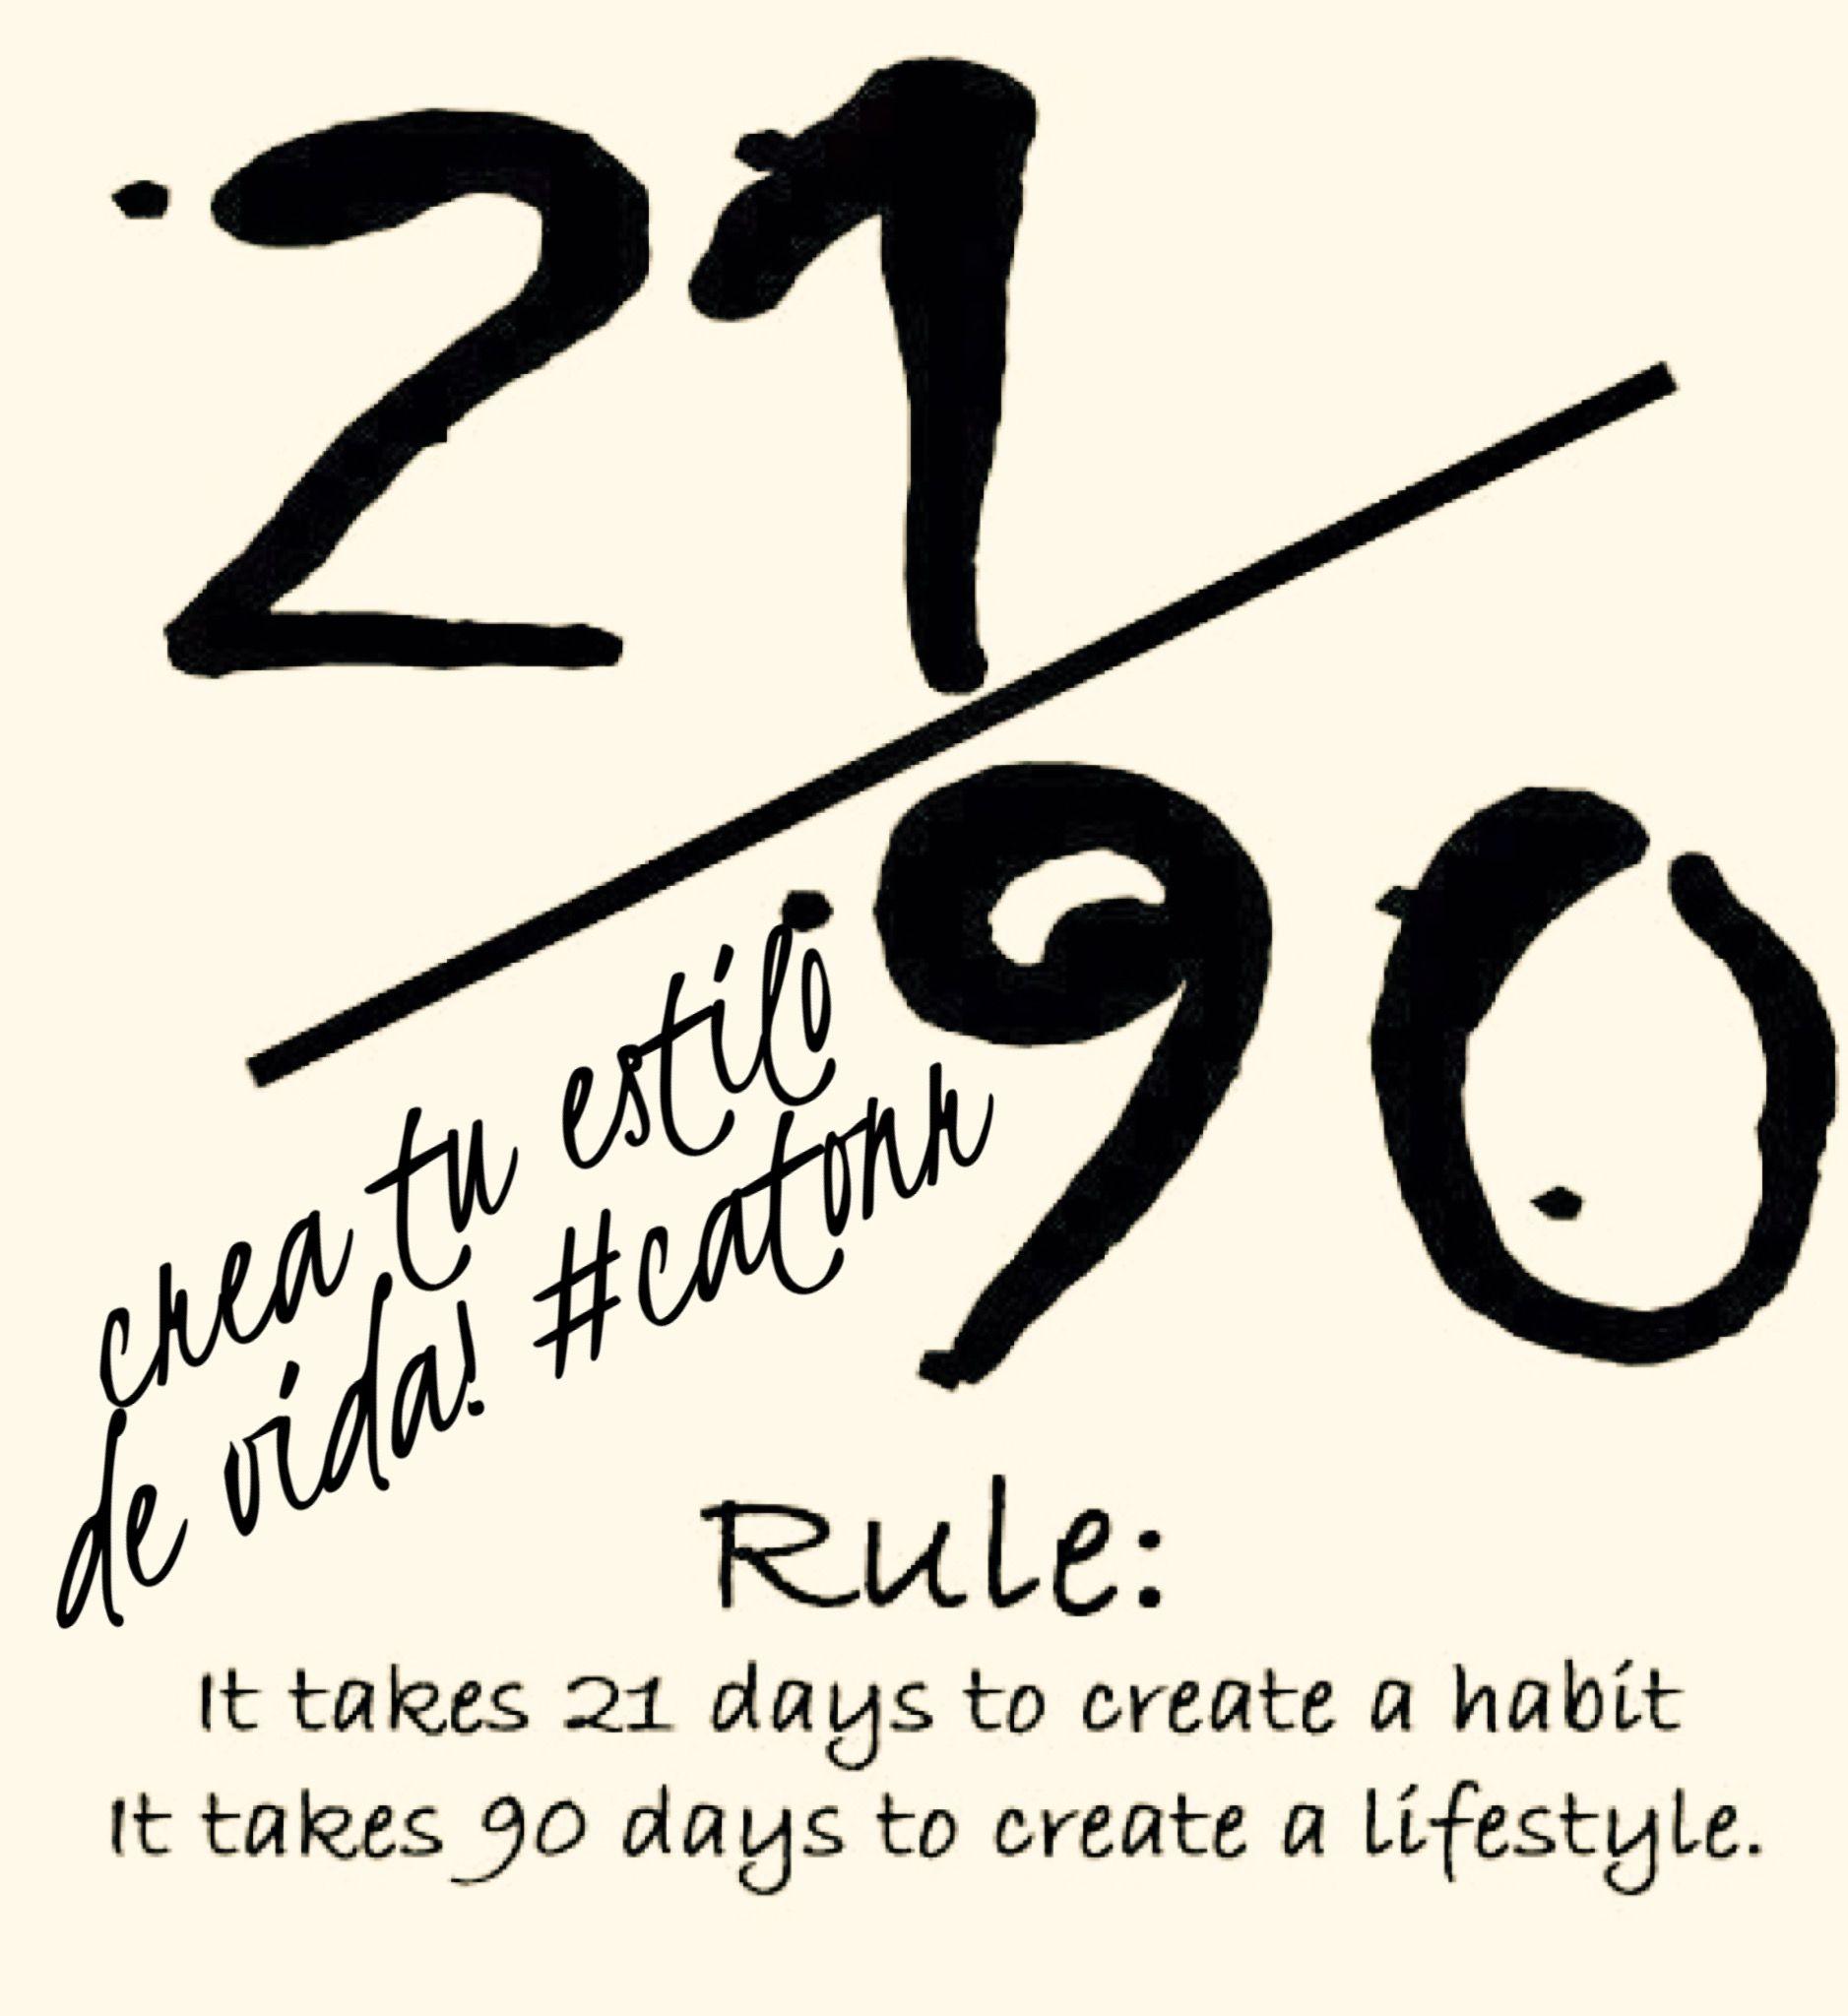 Toma solo 21 días crear un buen #HABITO y 90 DÍAS de #PERSEVERANCIA para crear un estilo de vida! NO PROMETAS HAZLO! #catonr,#todoxinternet,#mentores